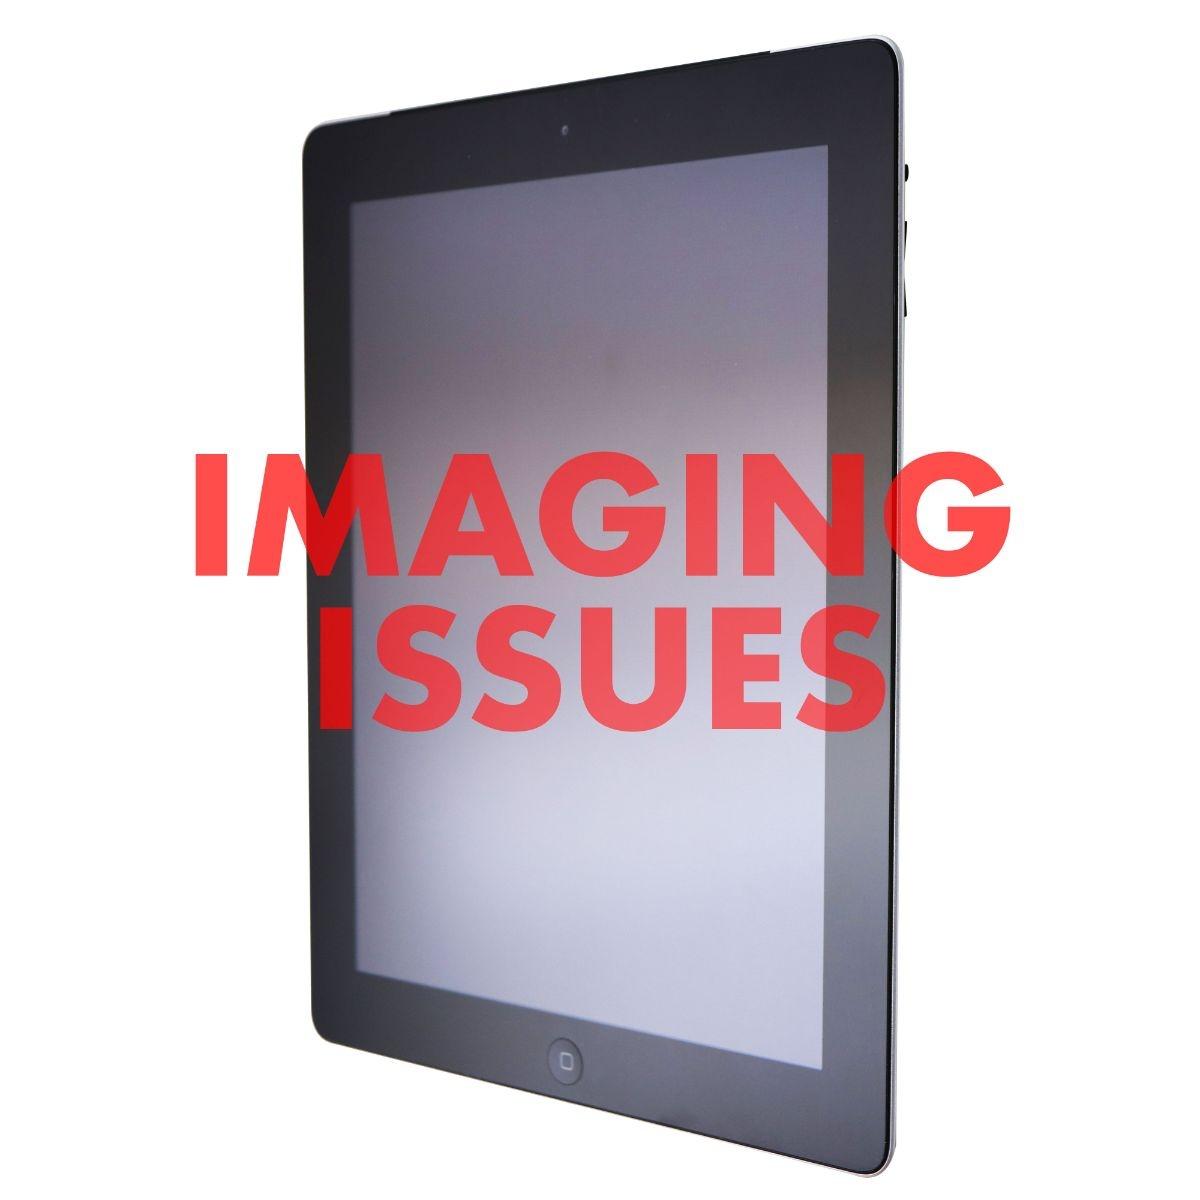 Apple iPad 4th Gen. 9.7 In. A1460 MD523LL/A- Wi-Fi + Verizon- 32GB/ Black Bezel